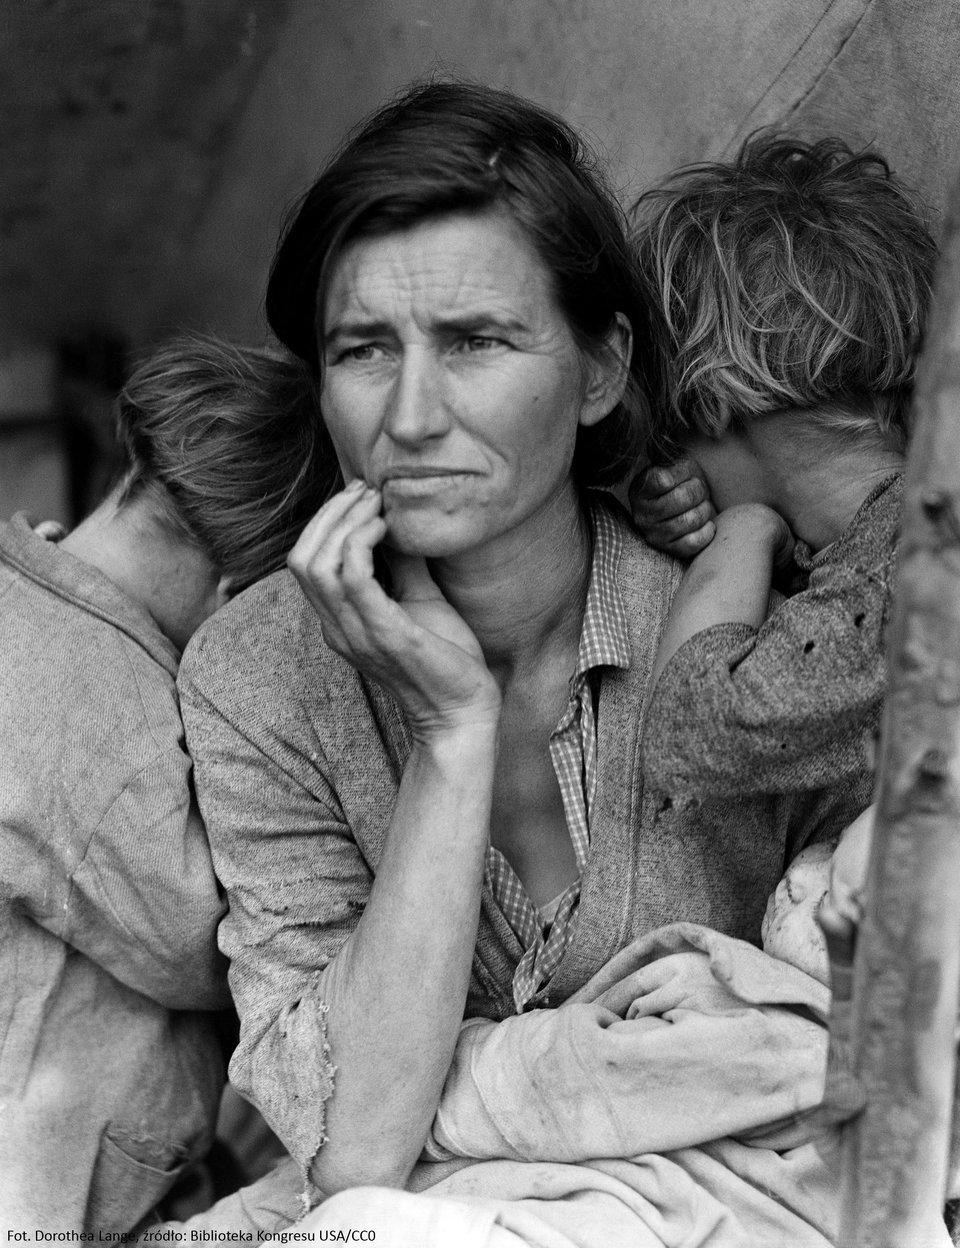 Migrująca matka Źródło: Dorothey Lange, Migrująca matka, Fotografia, Biblioteka Kongresu Stanów Zjednoczonych, domena publiczna.